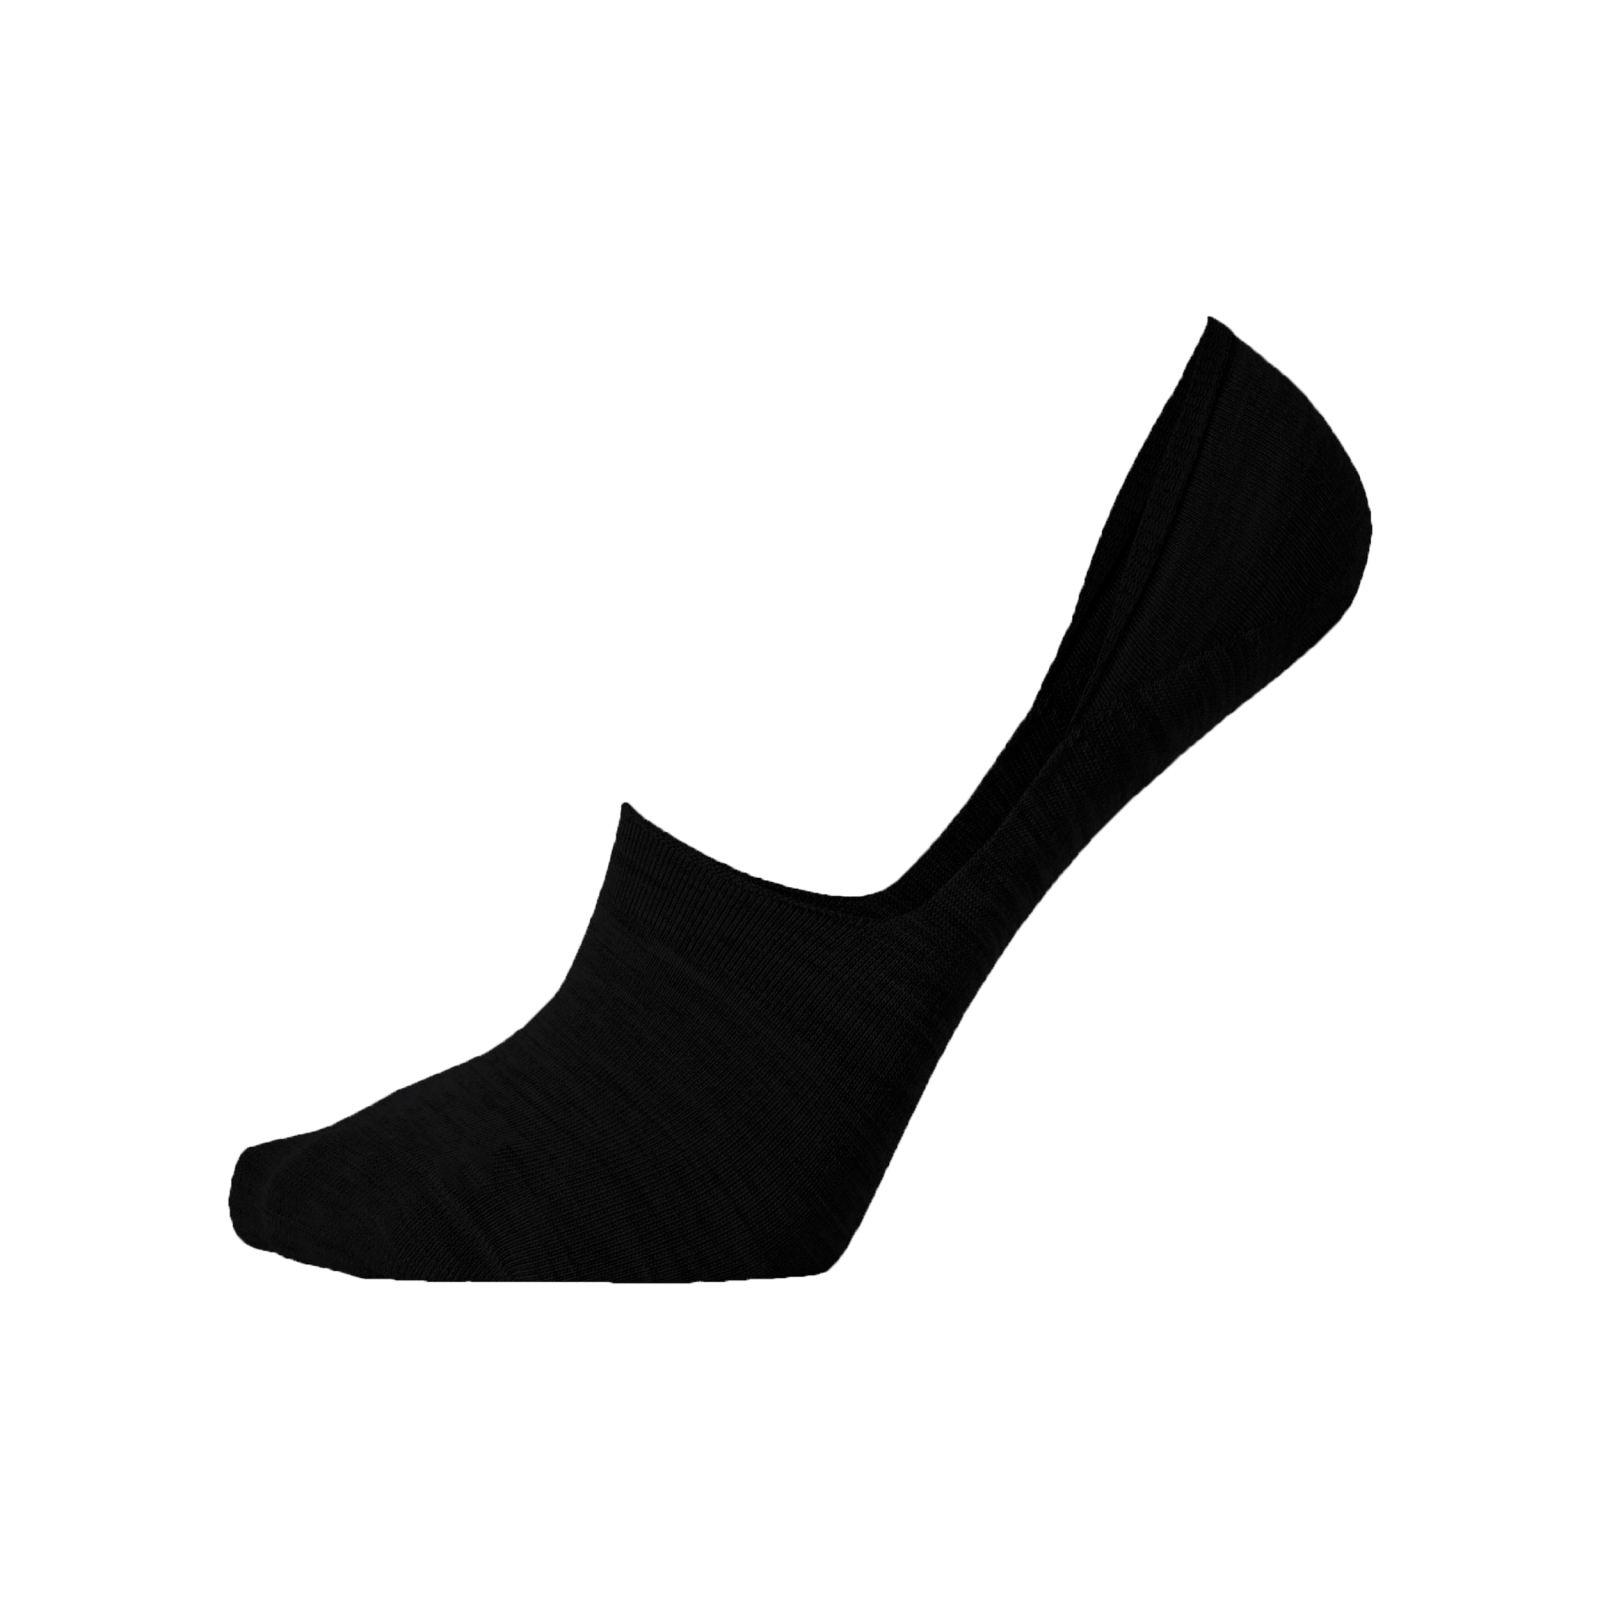 جوراب زنانه مستر جوراب کد BL-MRM 252 بسته 3 عددی -  - 3